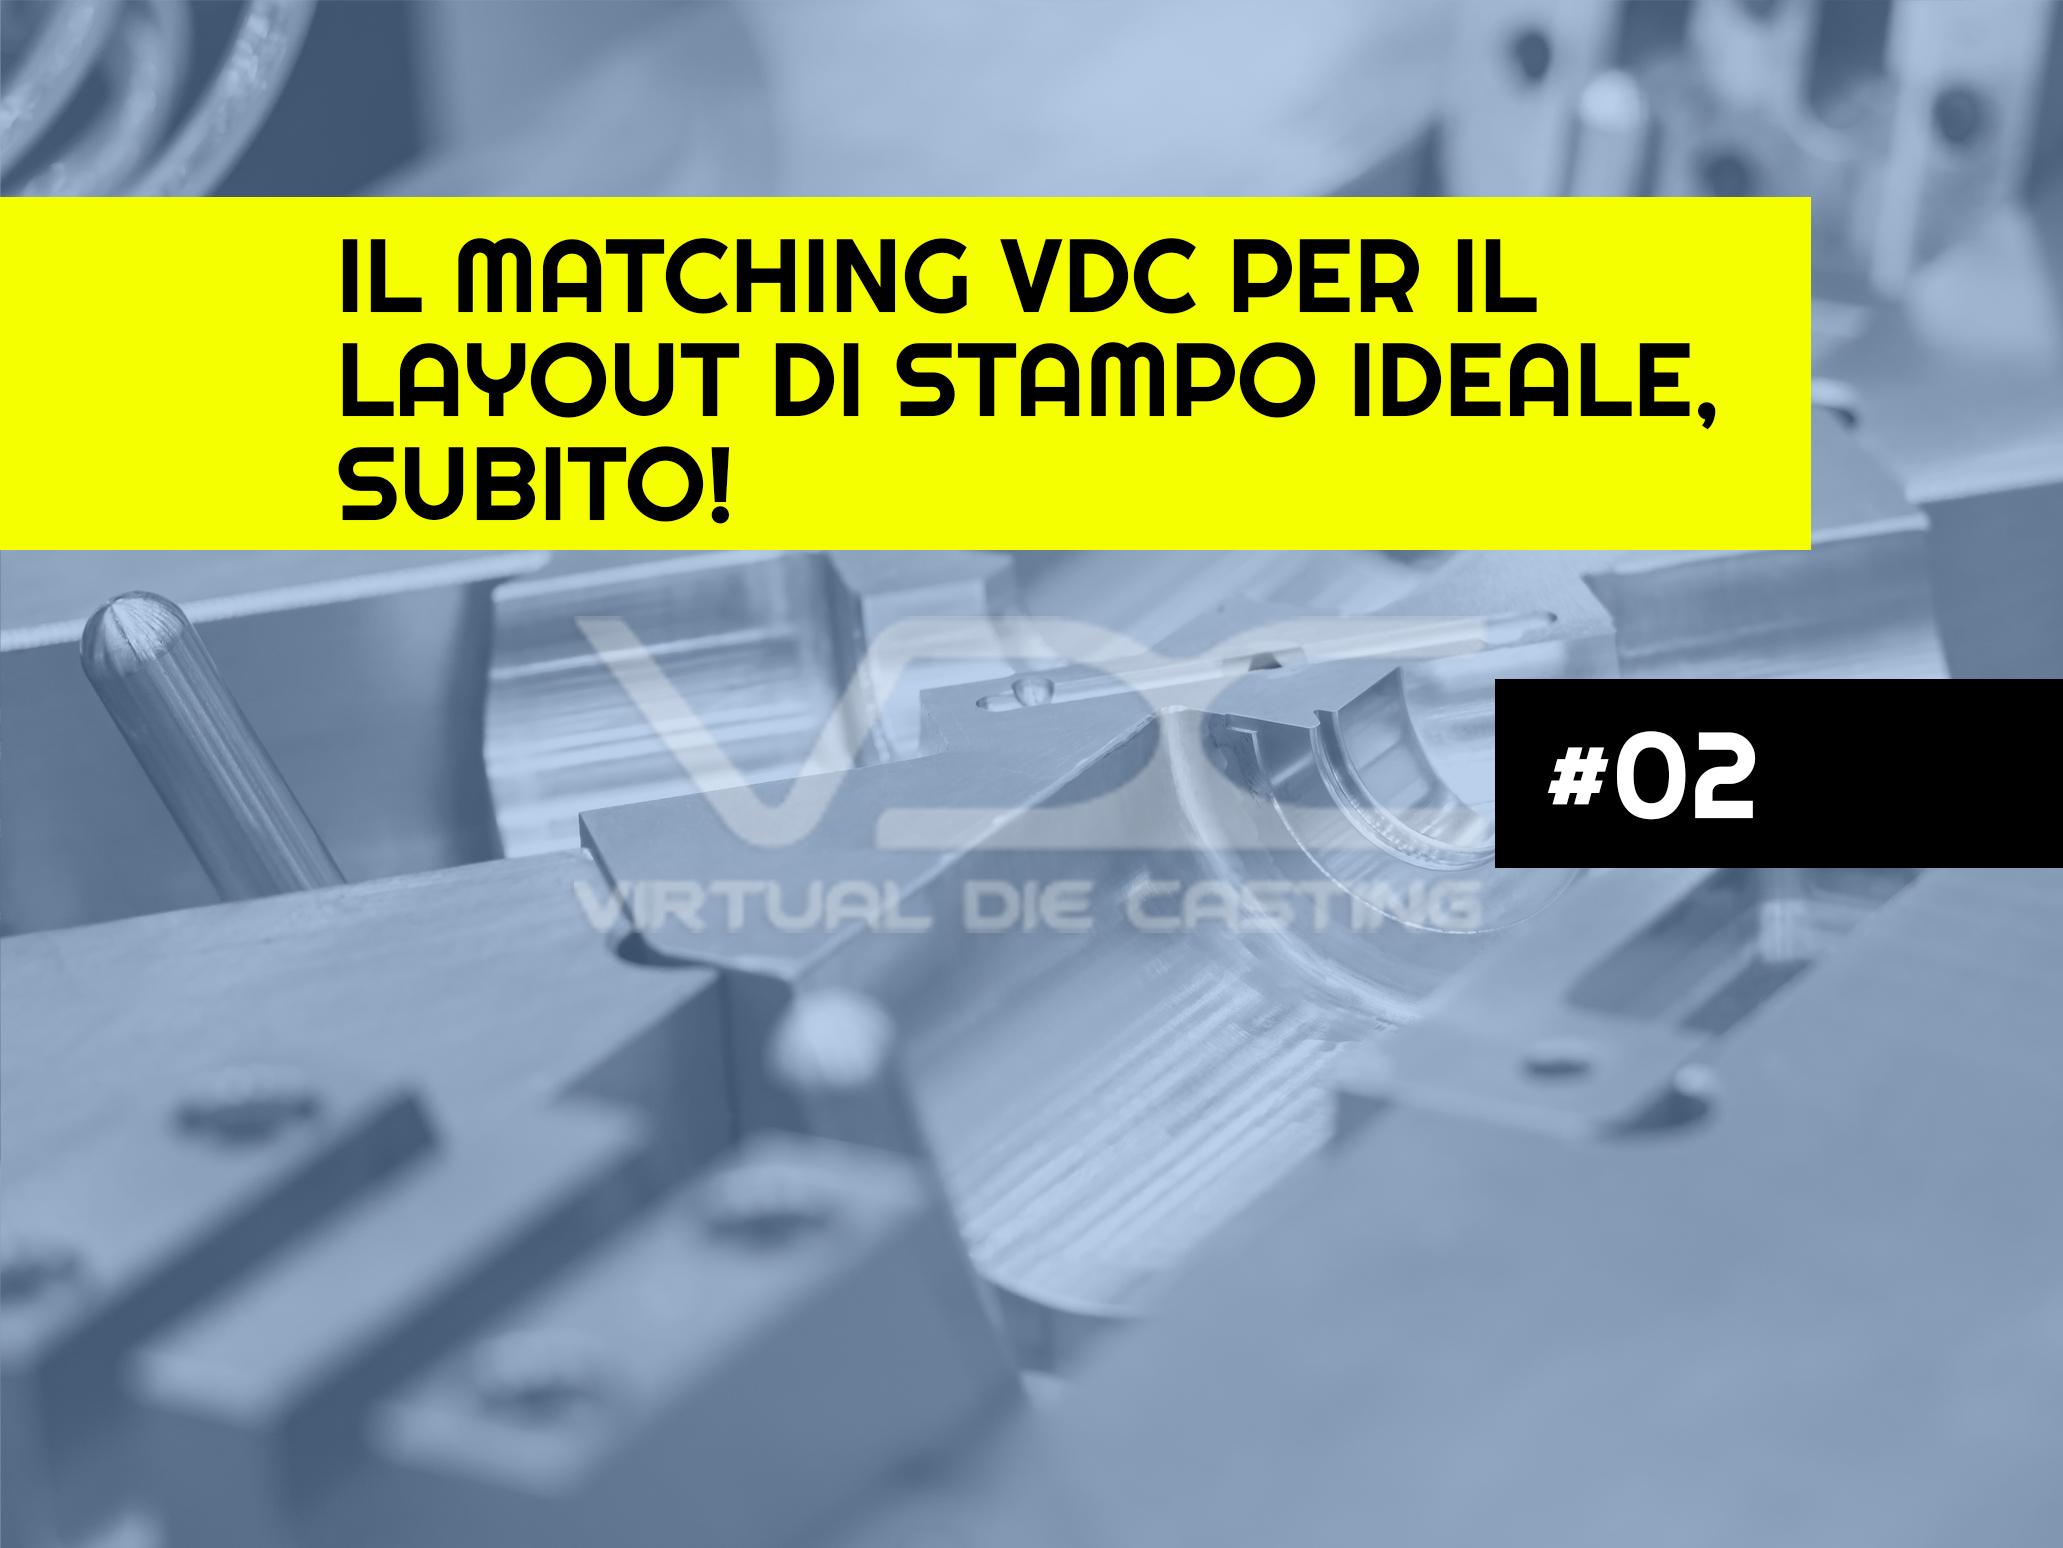 Il Matching VDC per il layout di stampo ideale, subito!